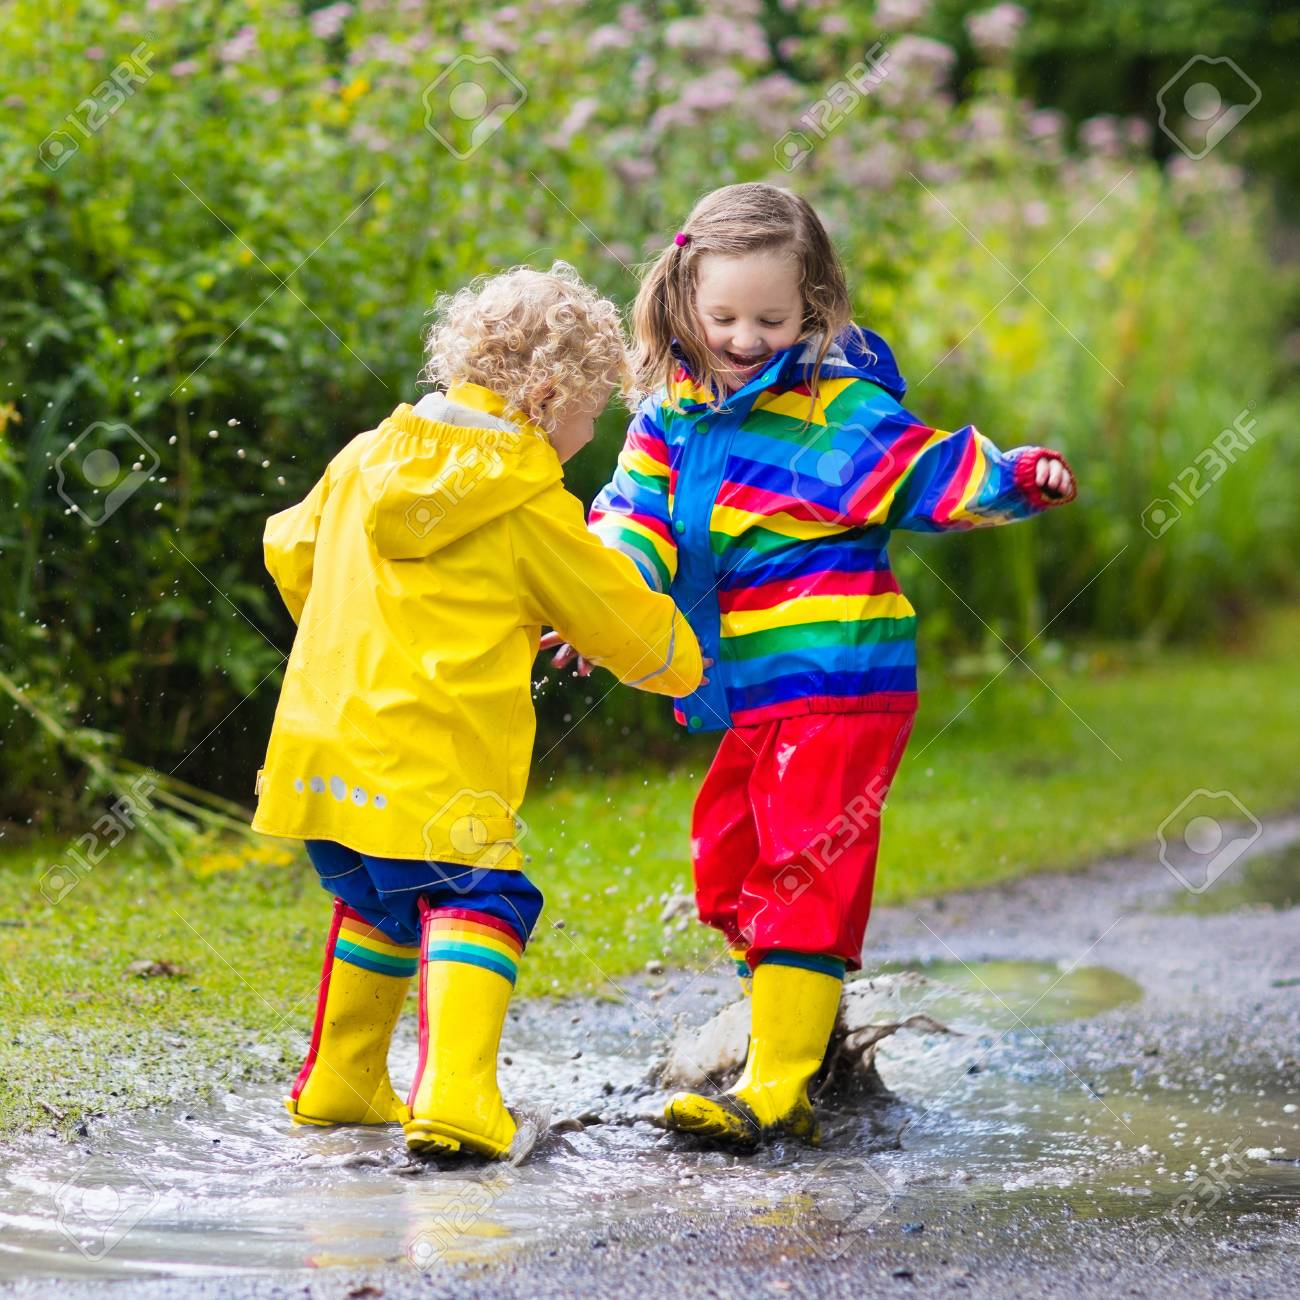 Verano Niña Niño El De Los Juegan Niños En Parque Con Y Lluvioso 5xrfxwq0